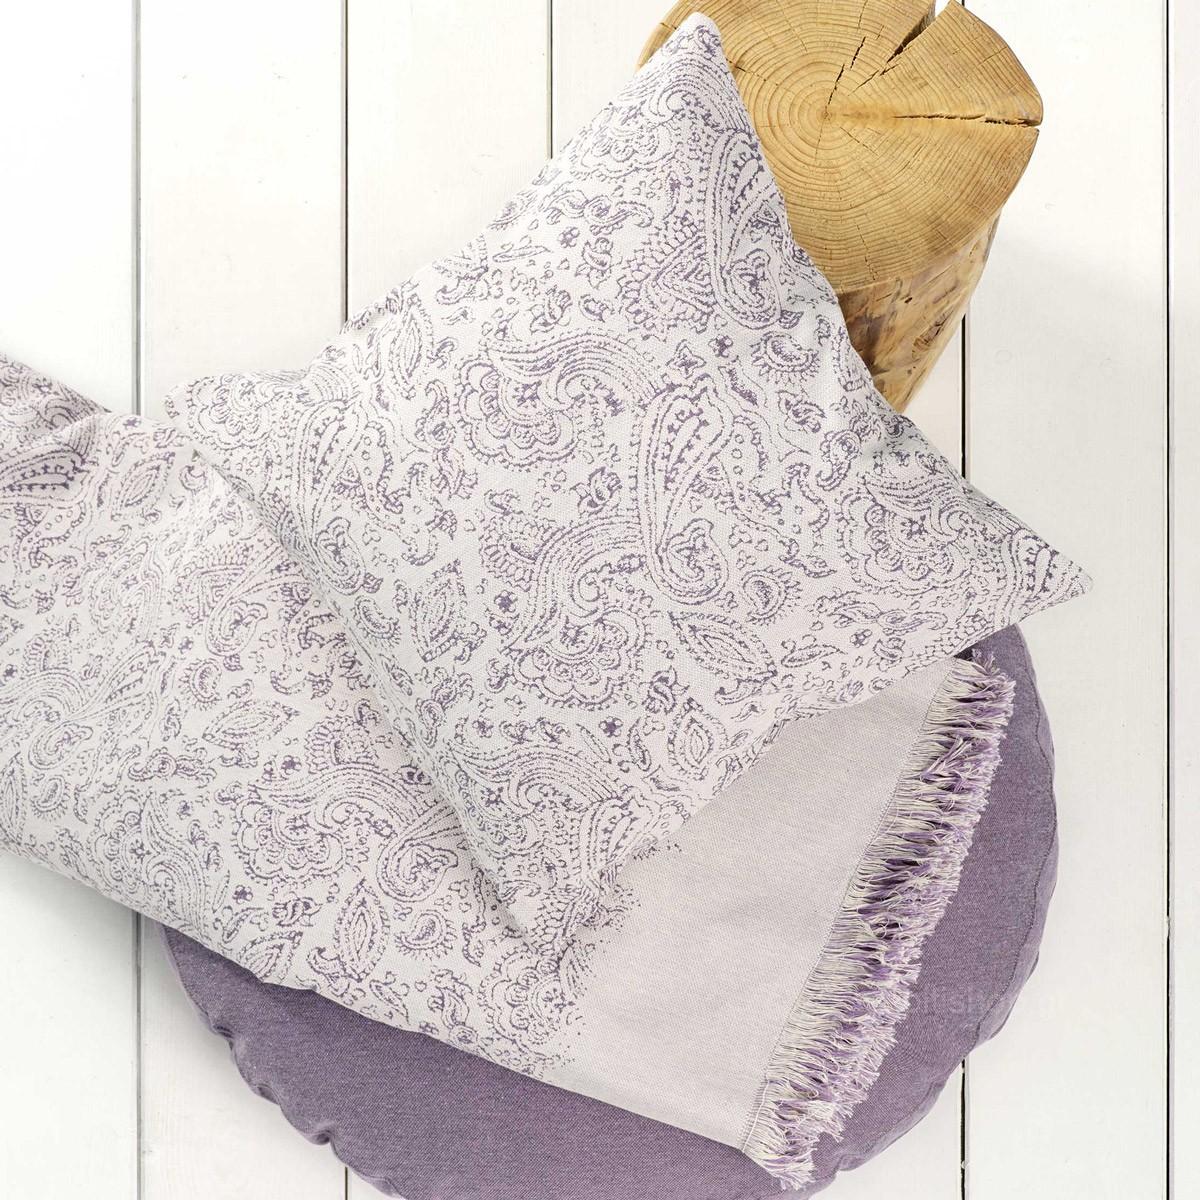 Διακοσμητική Μαξιλαροθήκη Nima Throws Keyla Lilac